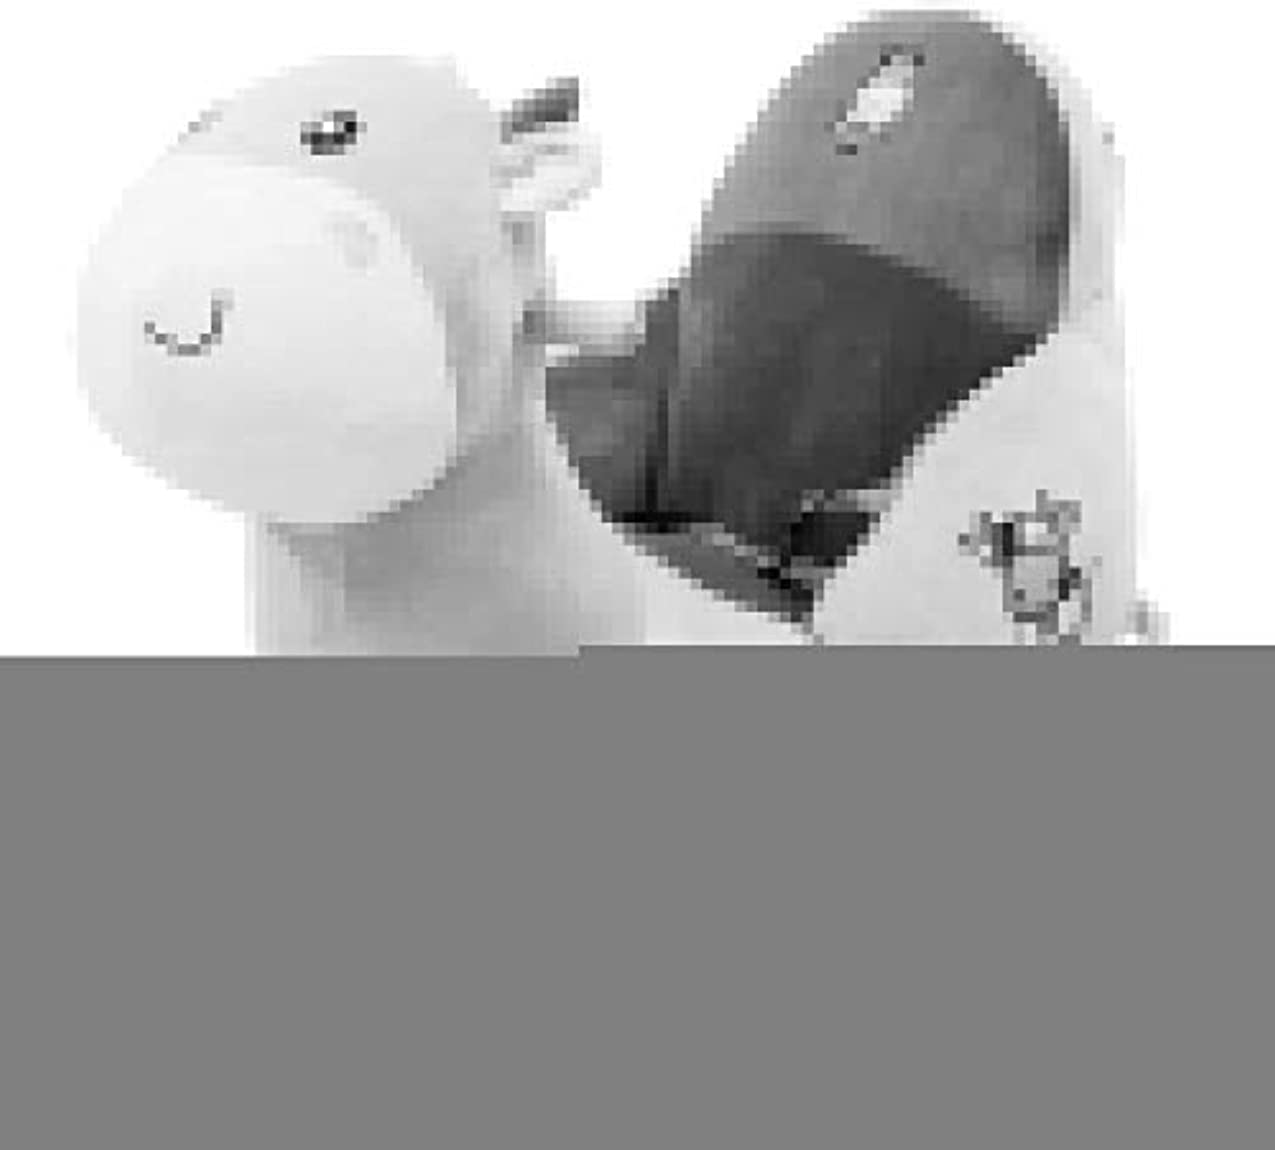 広告放射能腐敗したLINGZHIGAN ロッキングホース赤ちゃん子供の男の子と女の子子供キッドロッキングチェア0-3歳音楽玩具ホイールデュアル使用して1で馬のロッキング2